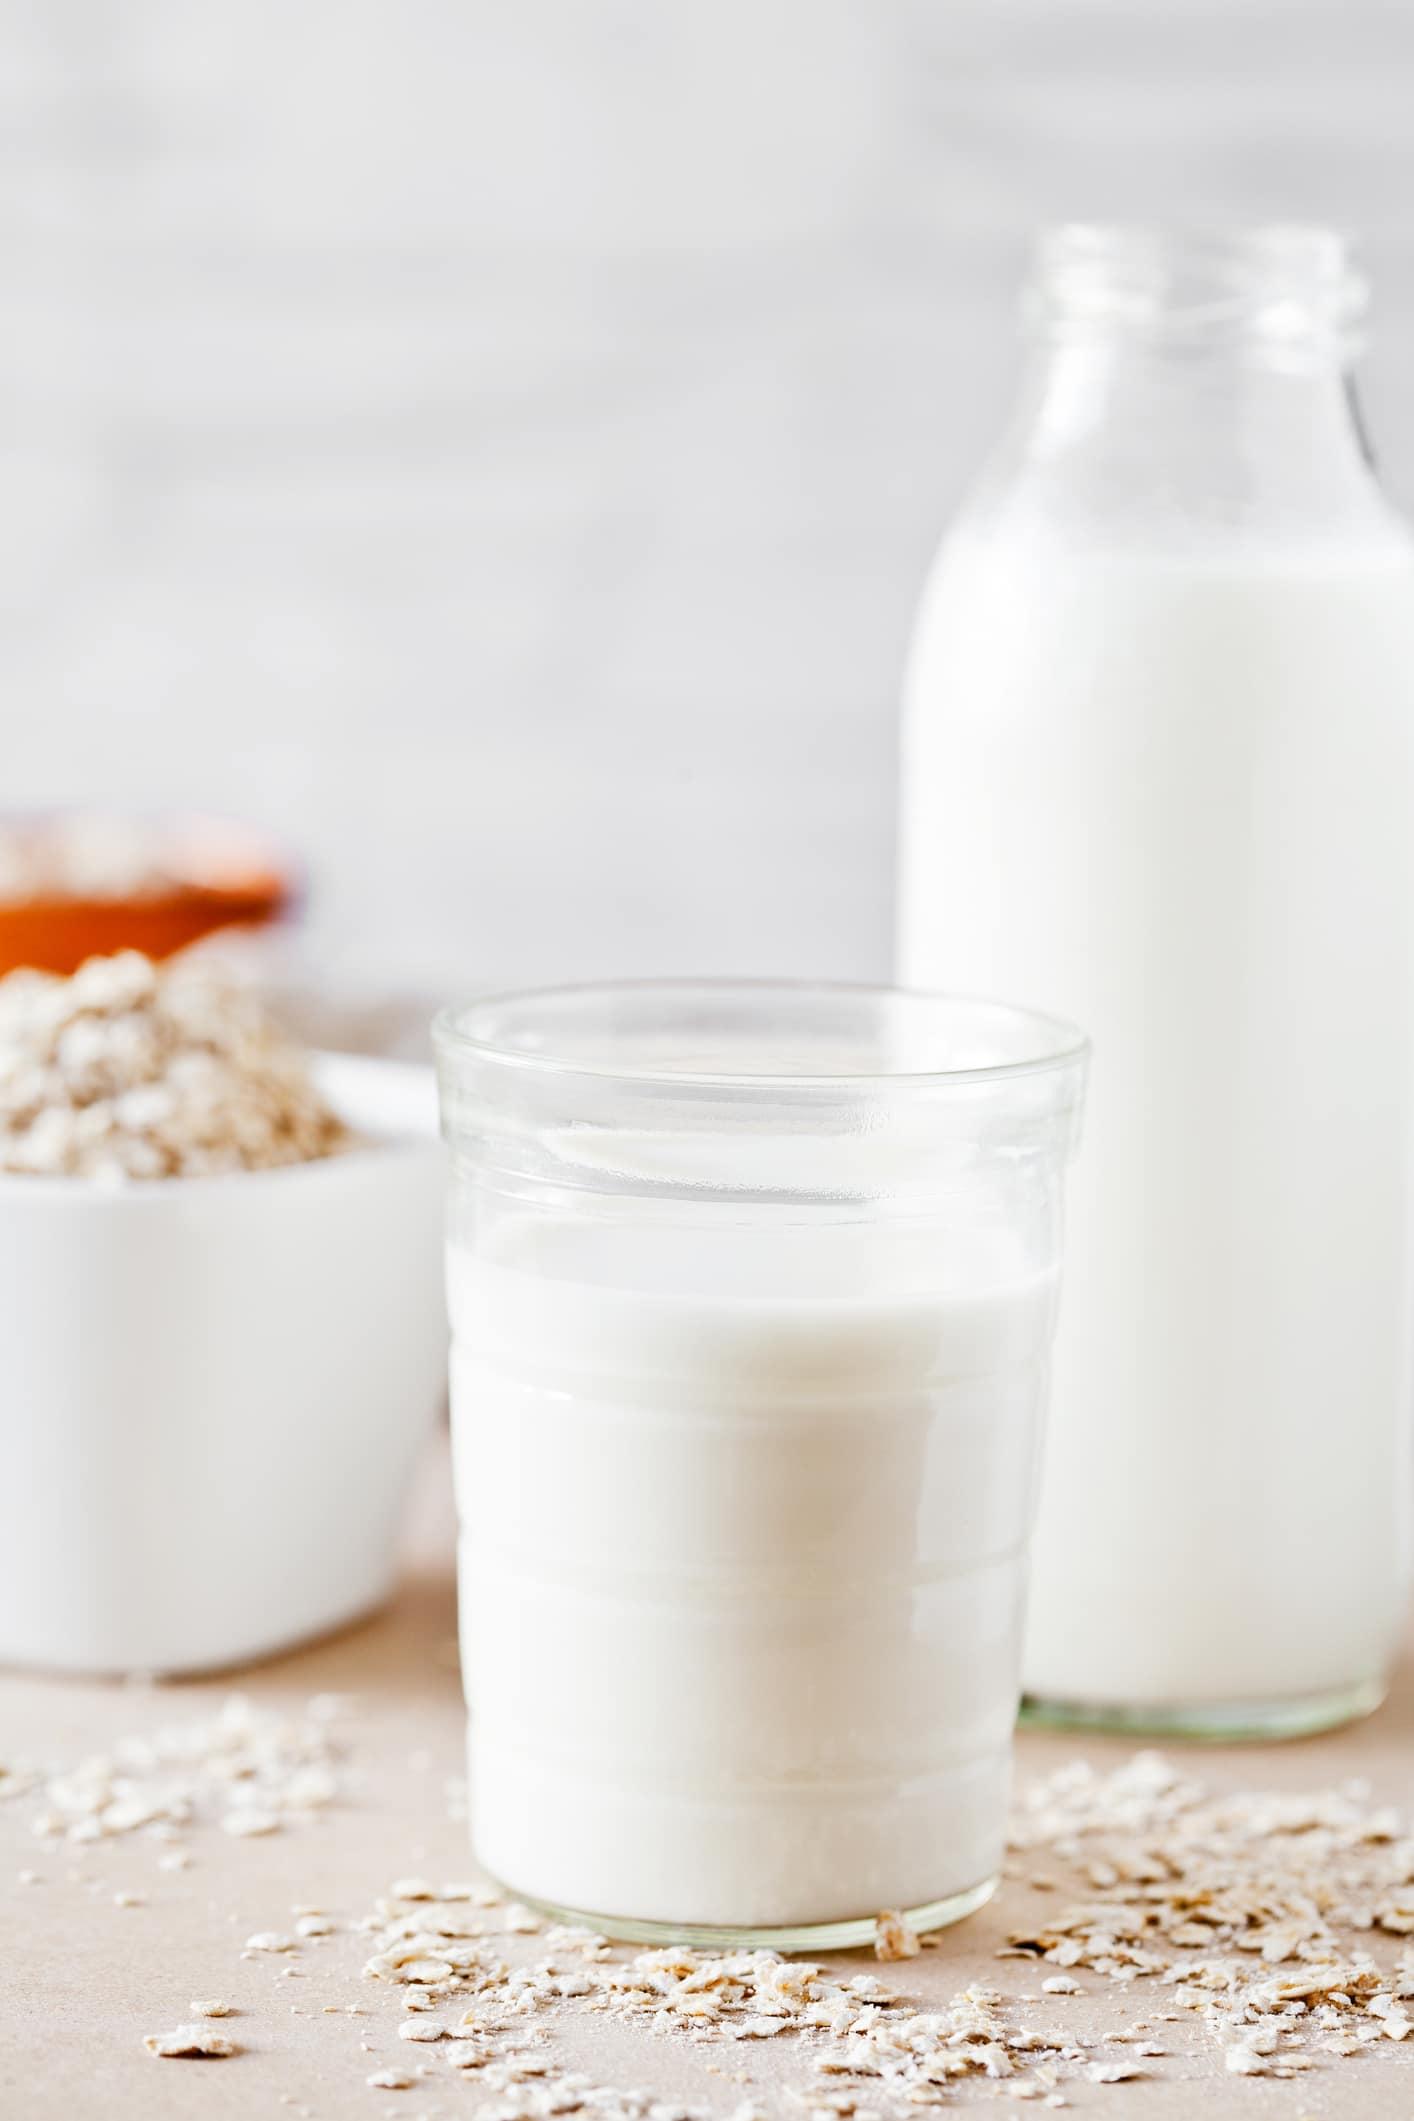 laits végétaux maison recette valérie orsoni lebootcmp